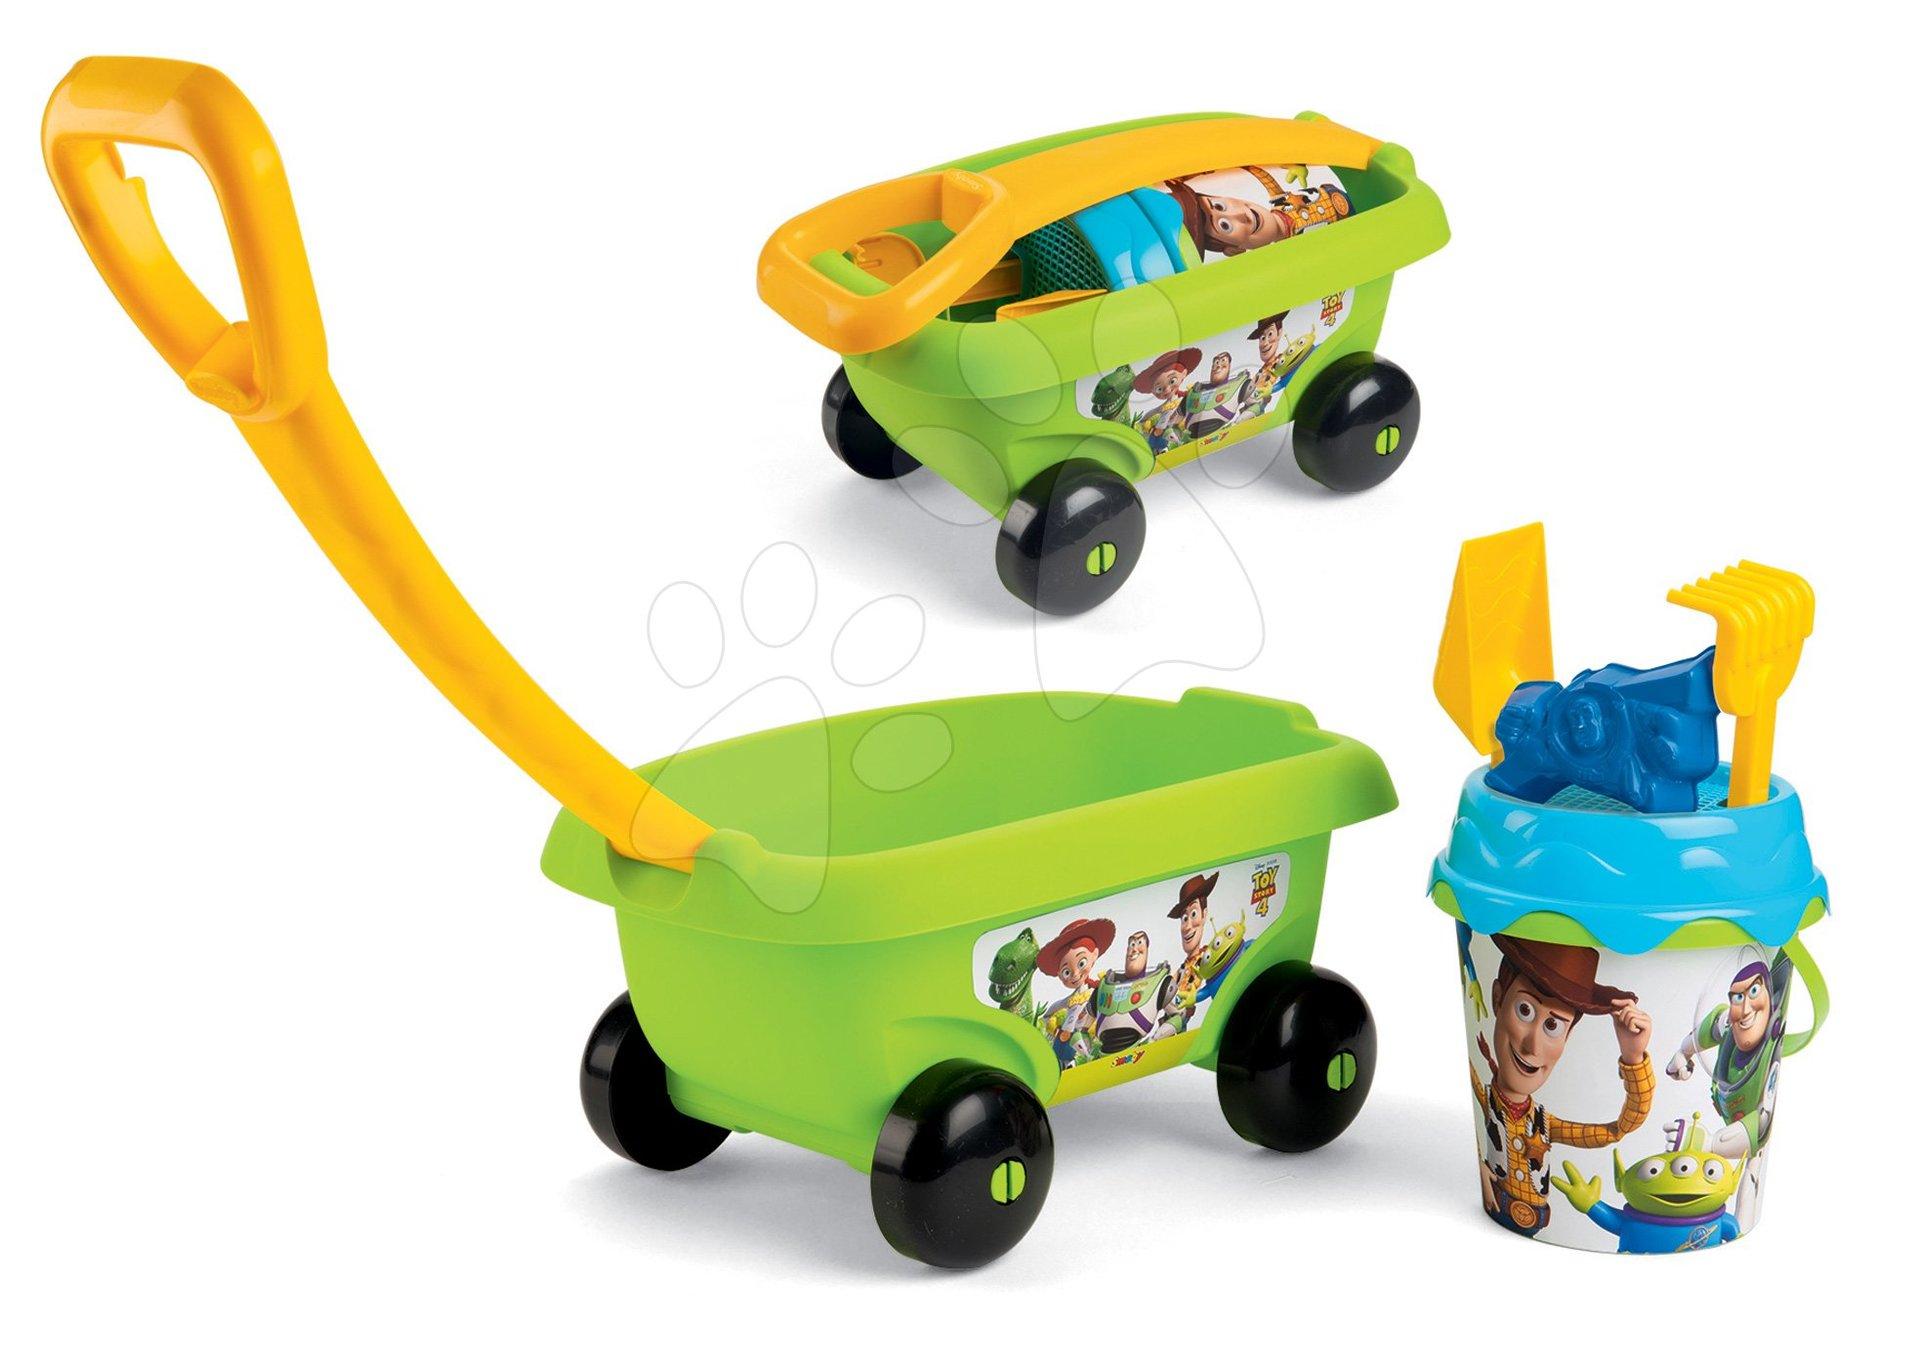 Fúriky do piesku - Detský vozík na ťahanie Toy Story Smoby s vedro setom do piesku (vedro výška 17 cm) od 18 mesiacov zelený